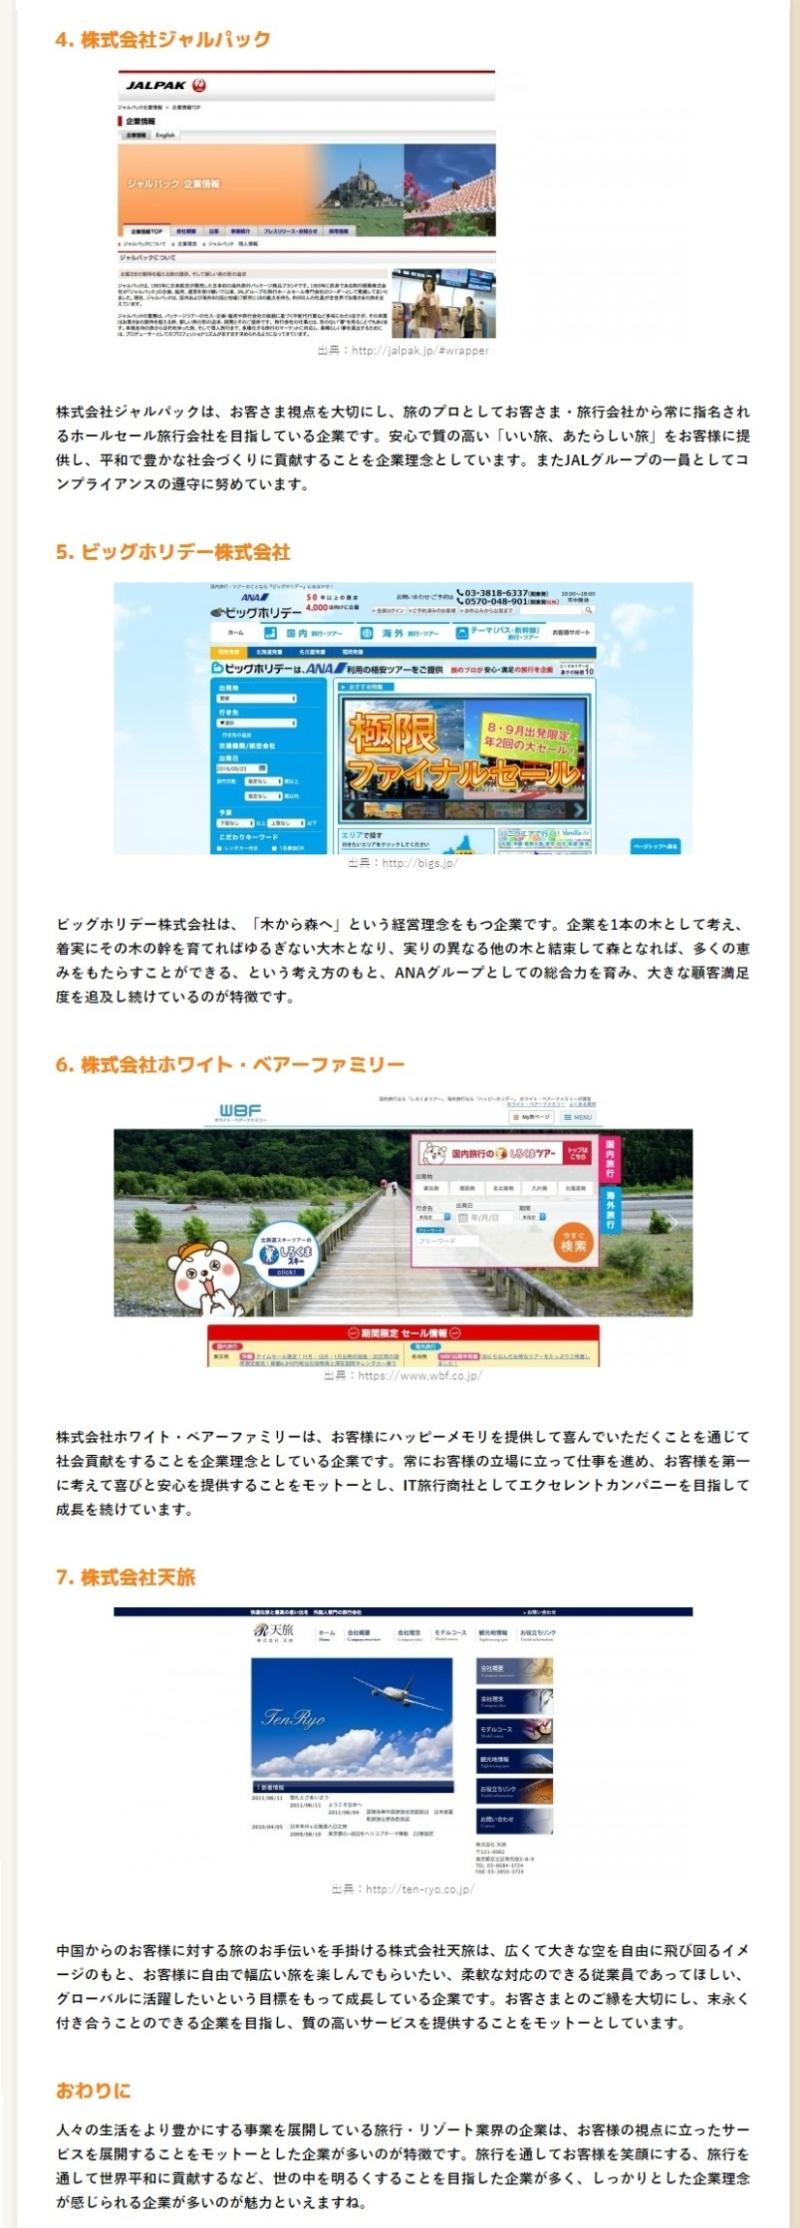 「旅行・リゾート」業界で企業理念がかっこいい企業7選 - さくらツーリスト株式会社